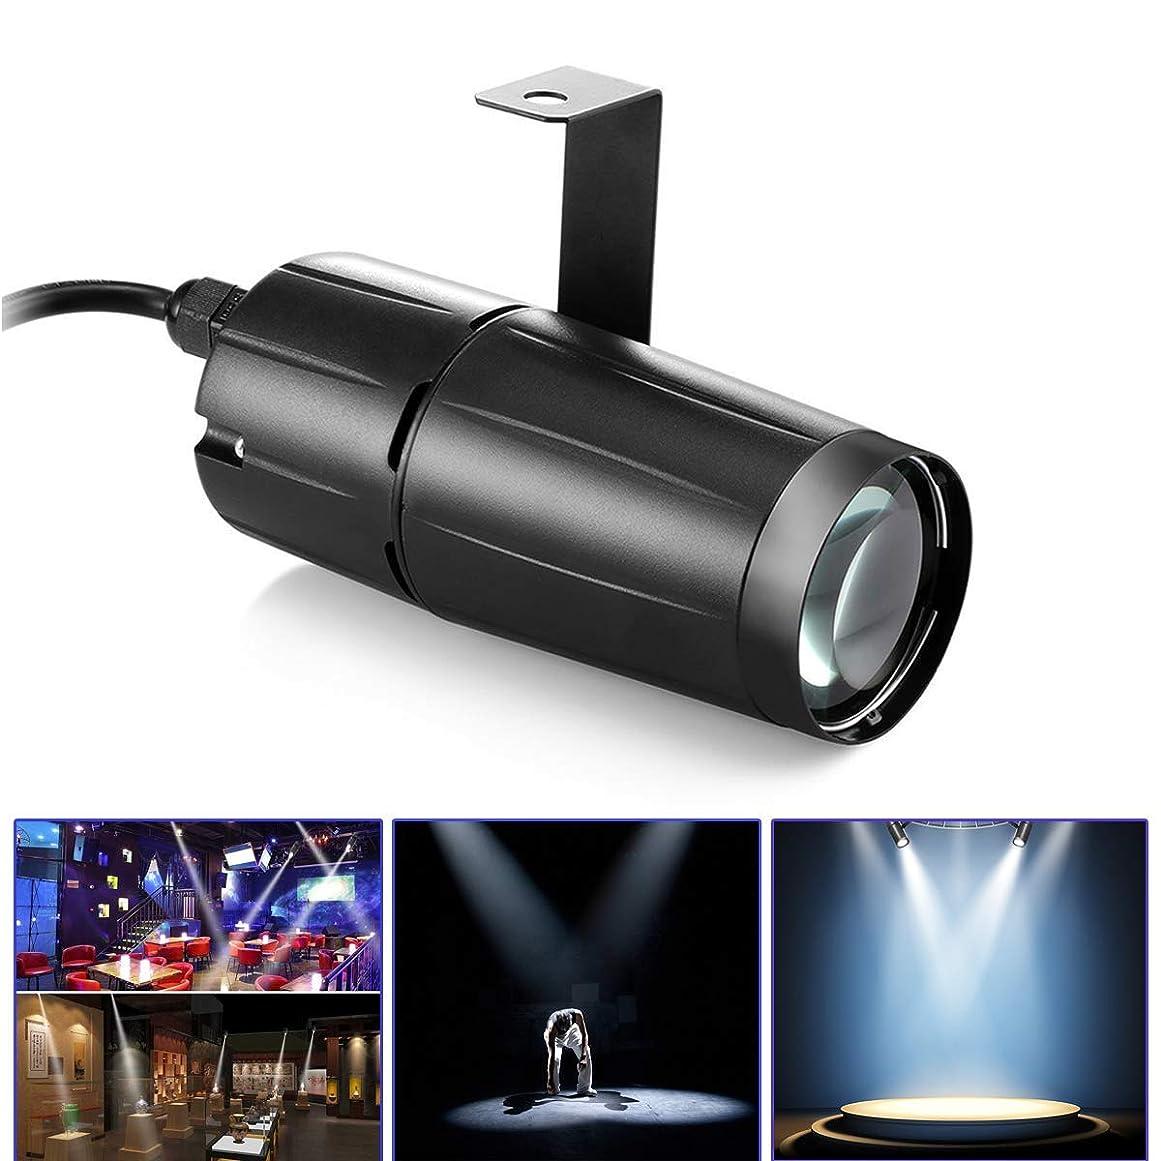 出費心のこもったアレキサンダーグラハムベルU'King 5W LED ステージライト ビームピンポットライト スポットライト パーティー?新年?舞台?演出 ?照明? バー用 (ホワイト)